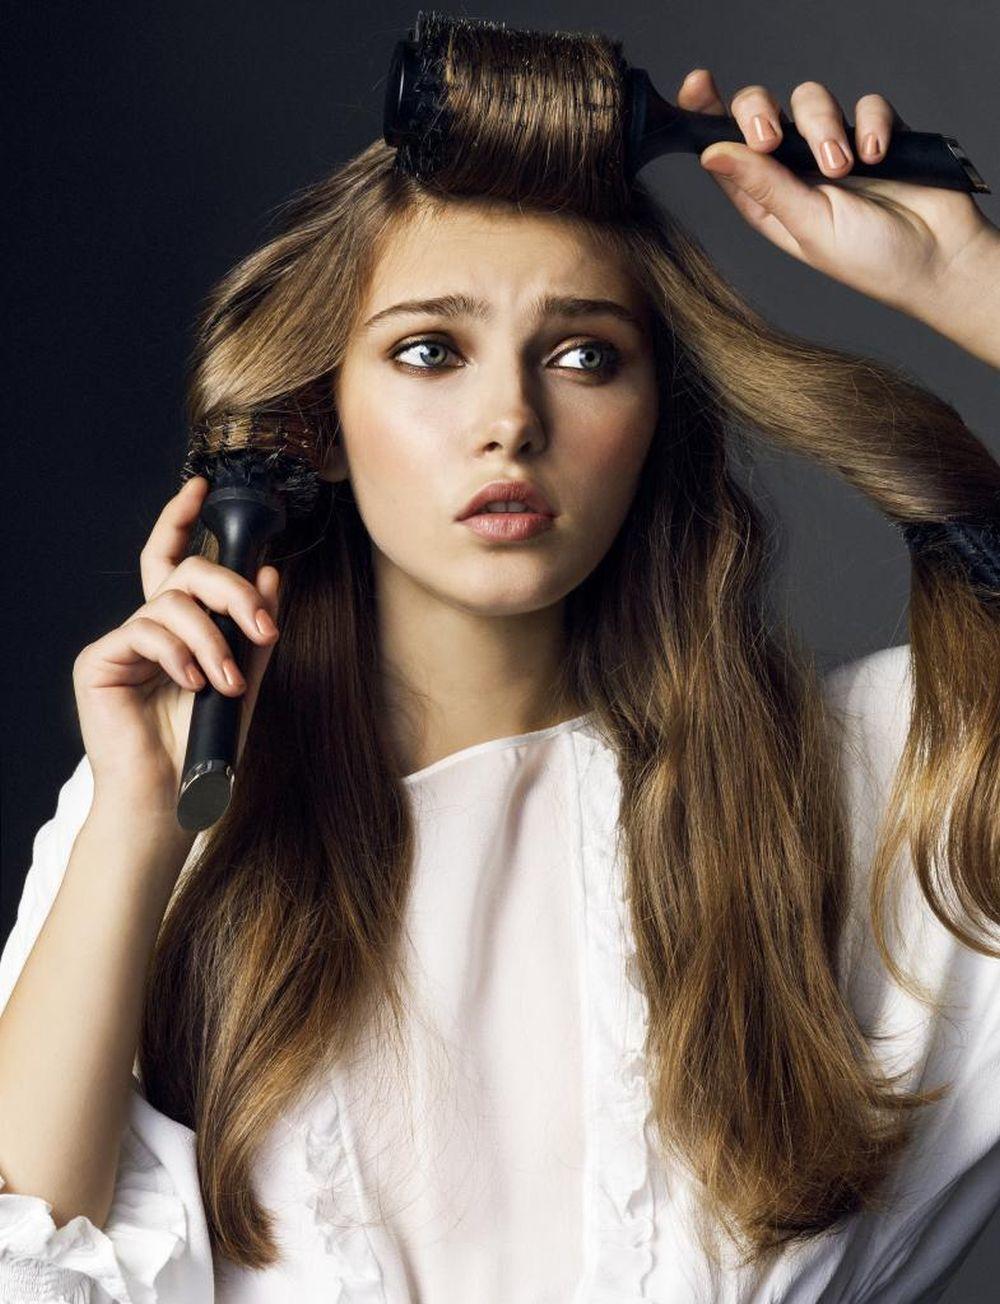 Sea cual sea el problema de tu cabello nuestro dossier capilar tiene...